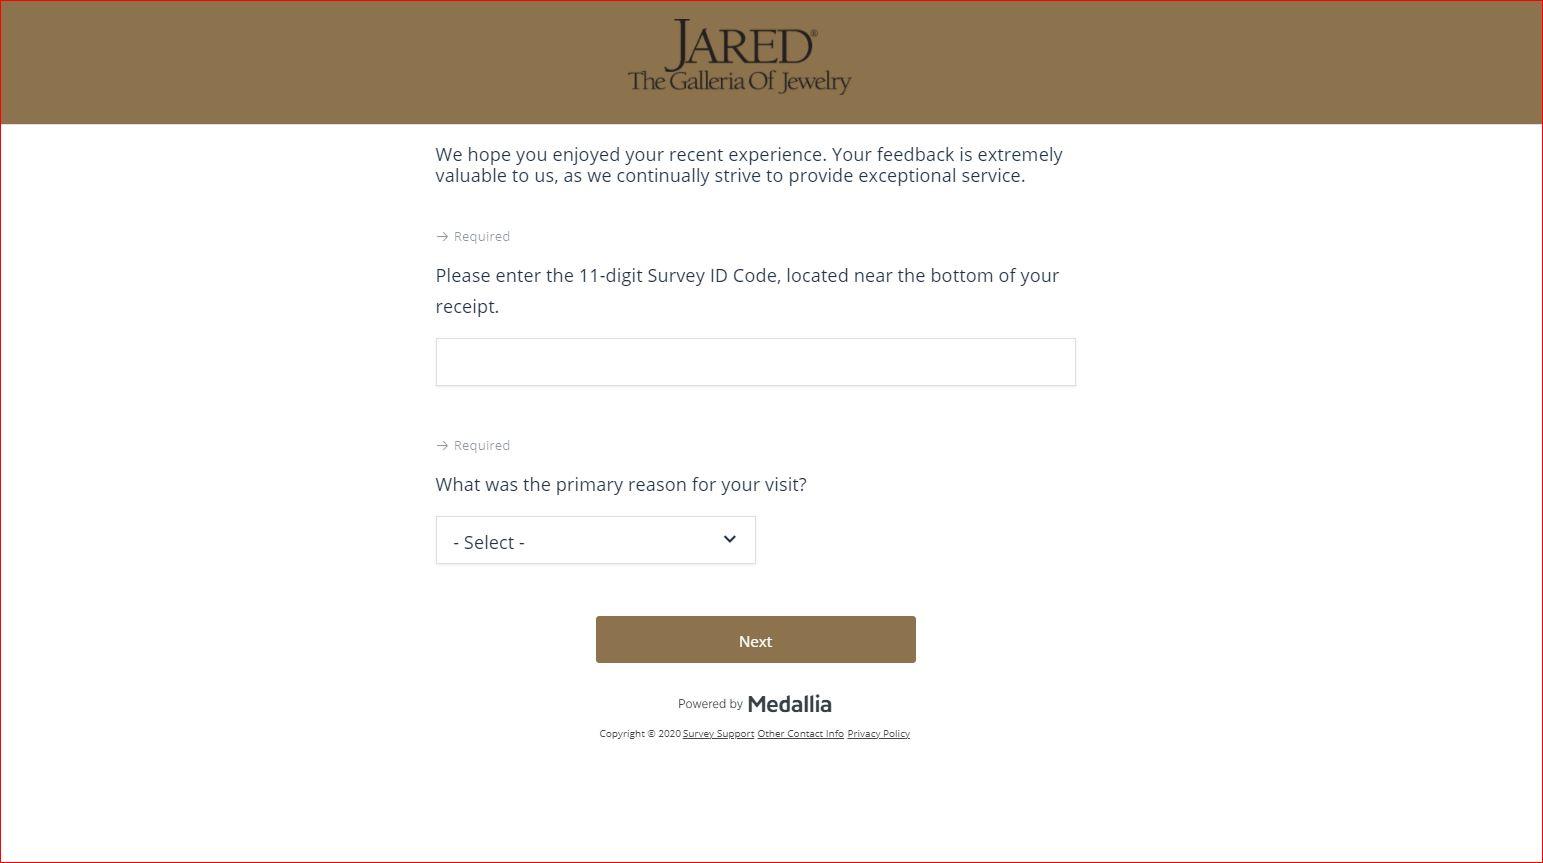 Survey.Jared.com